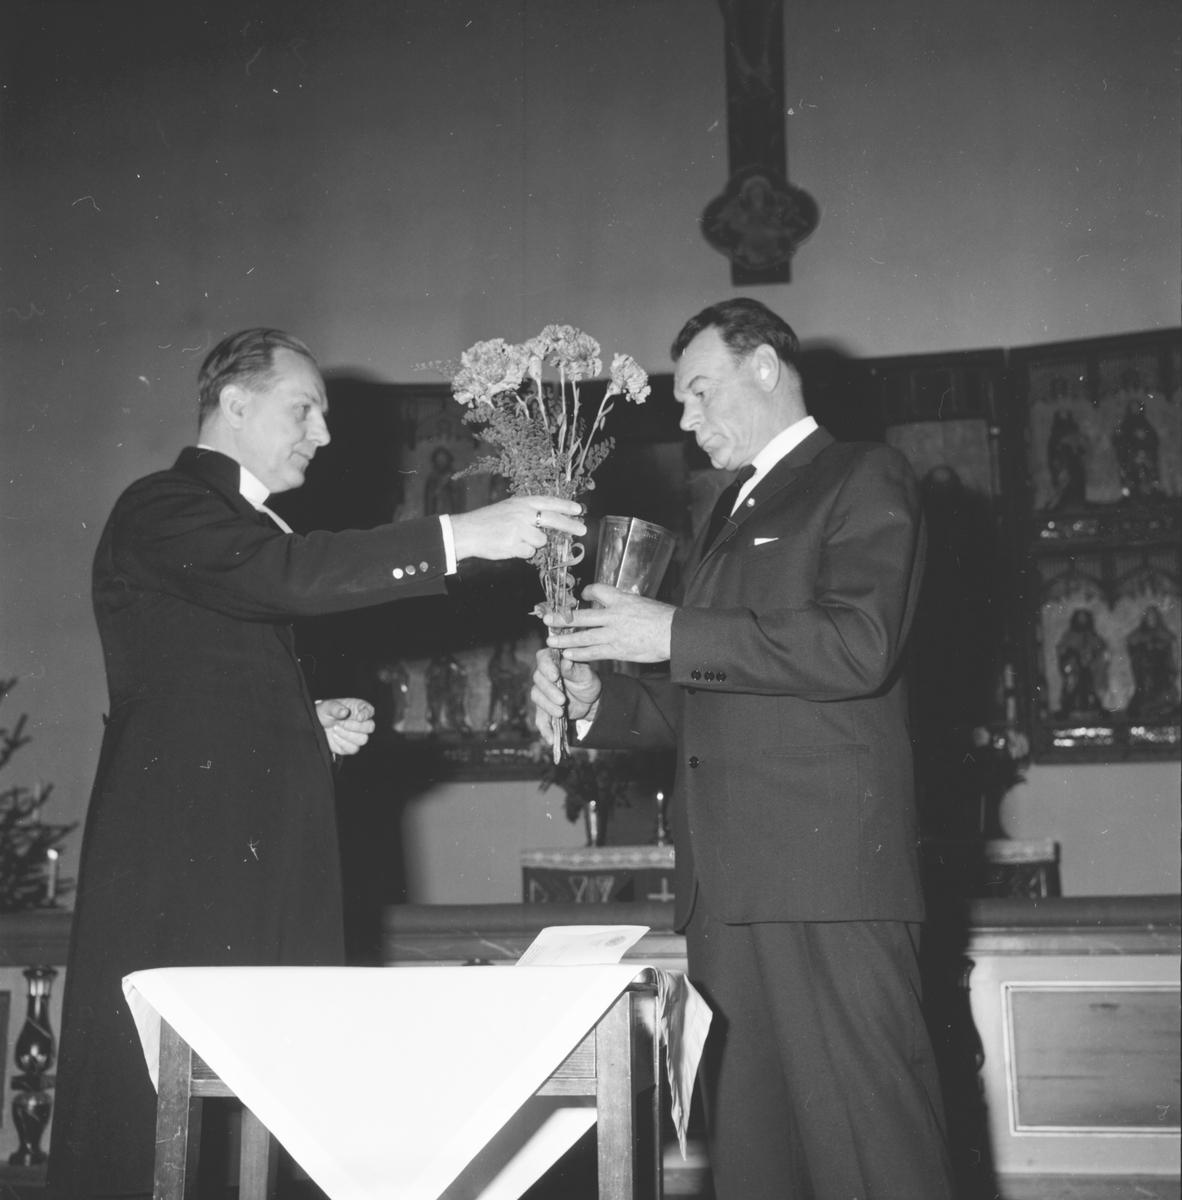 Ljung Jonas, får carnegiebelöning, 5 Dec 1965